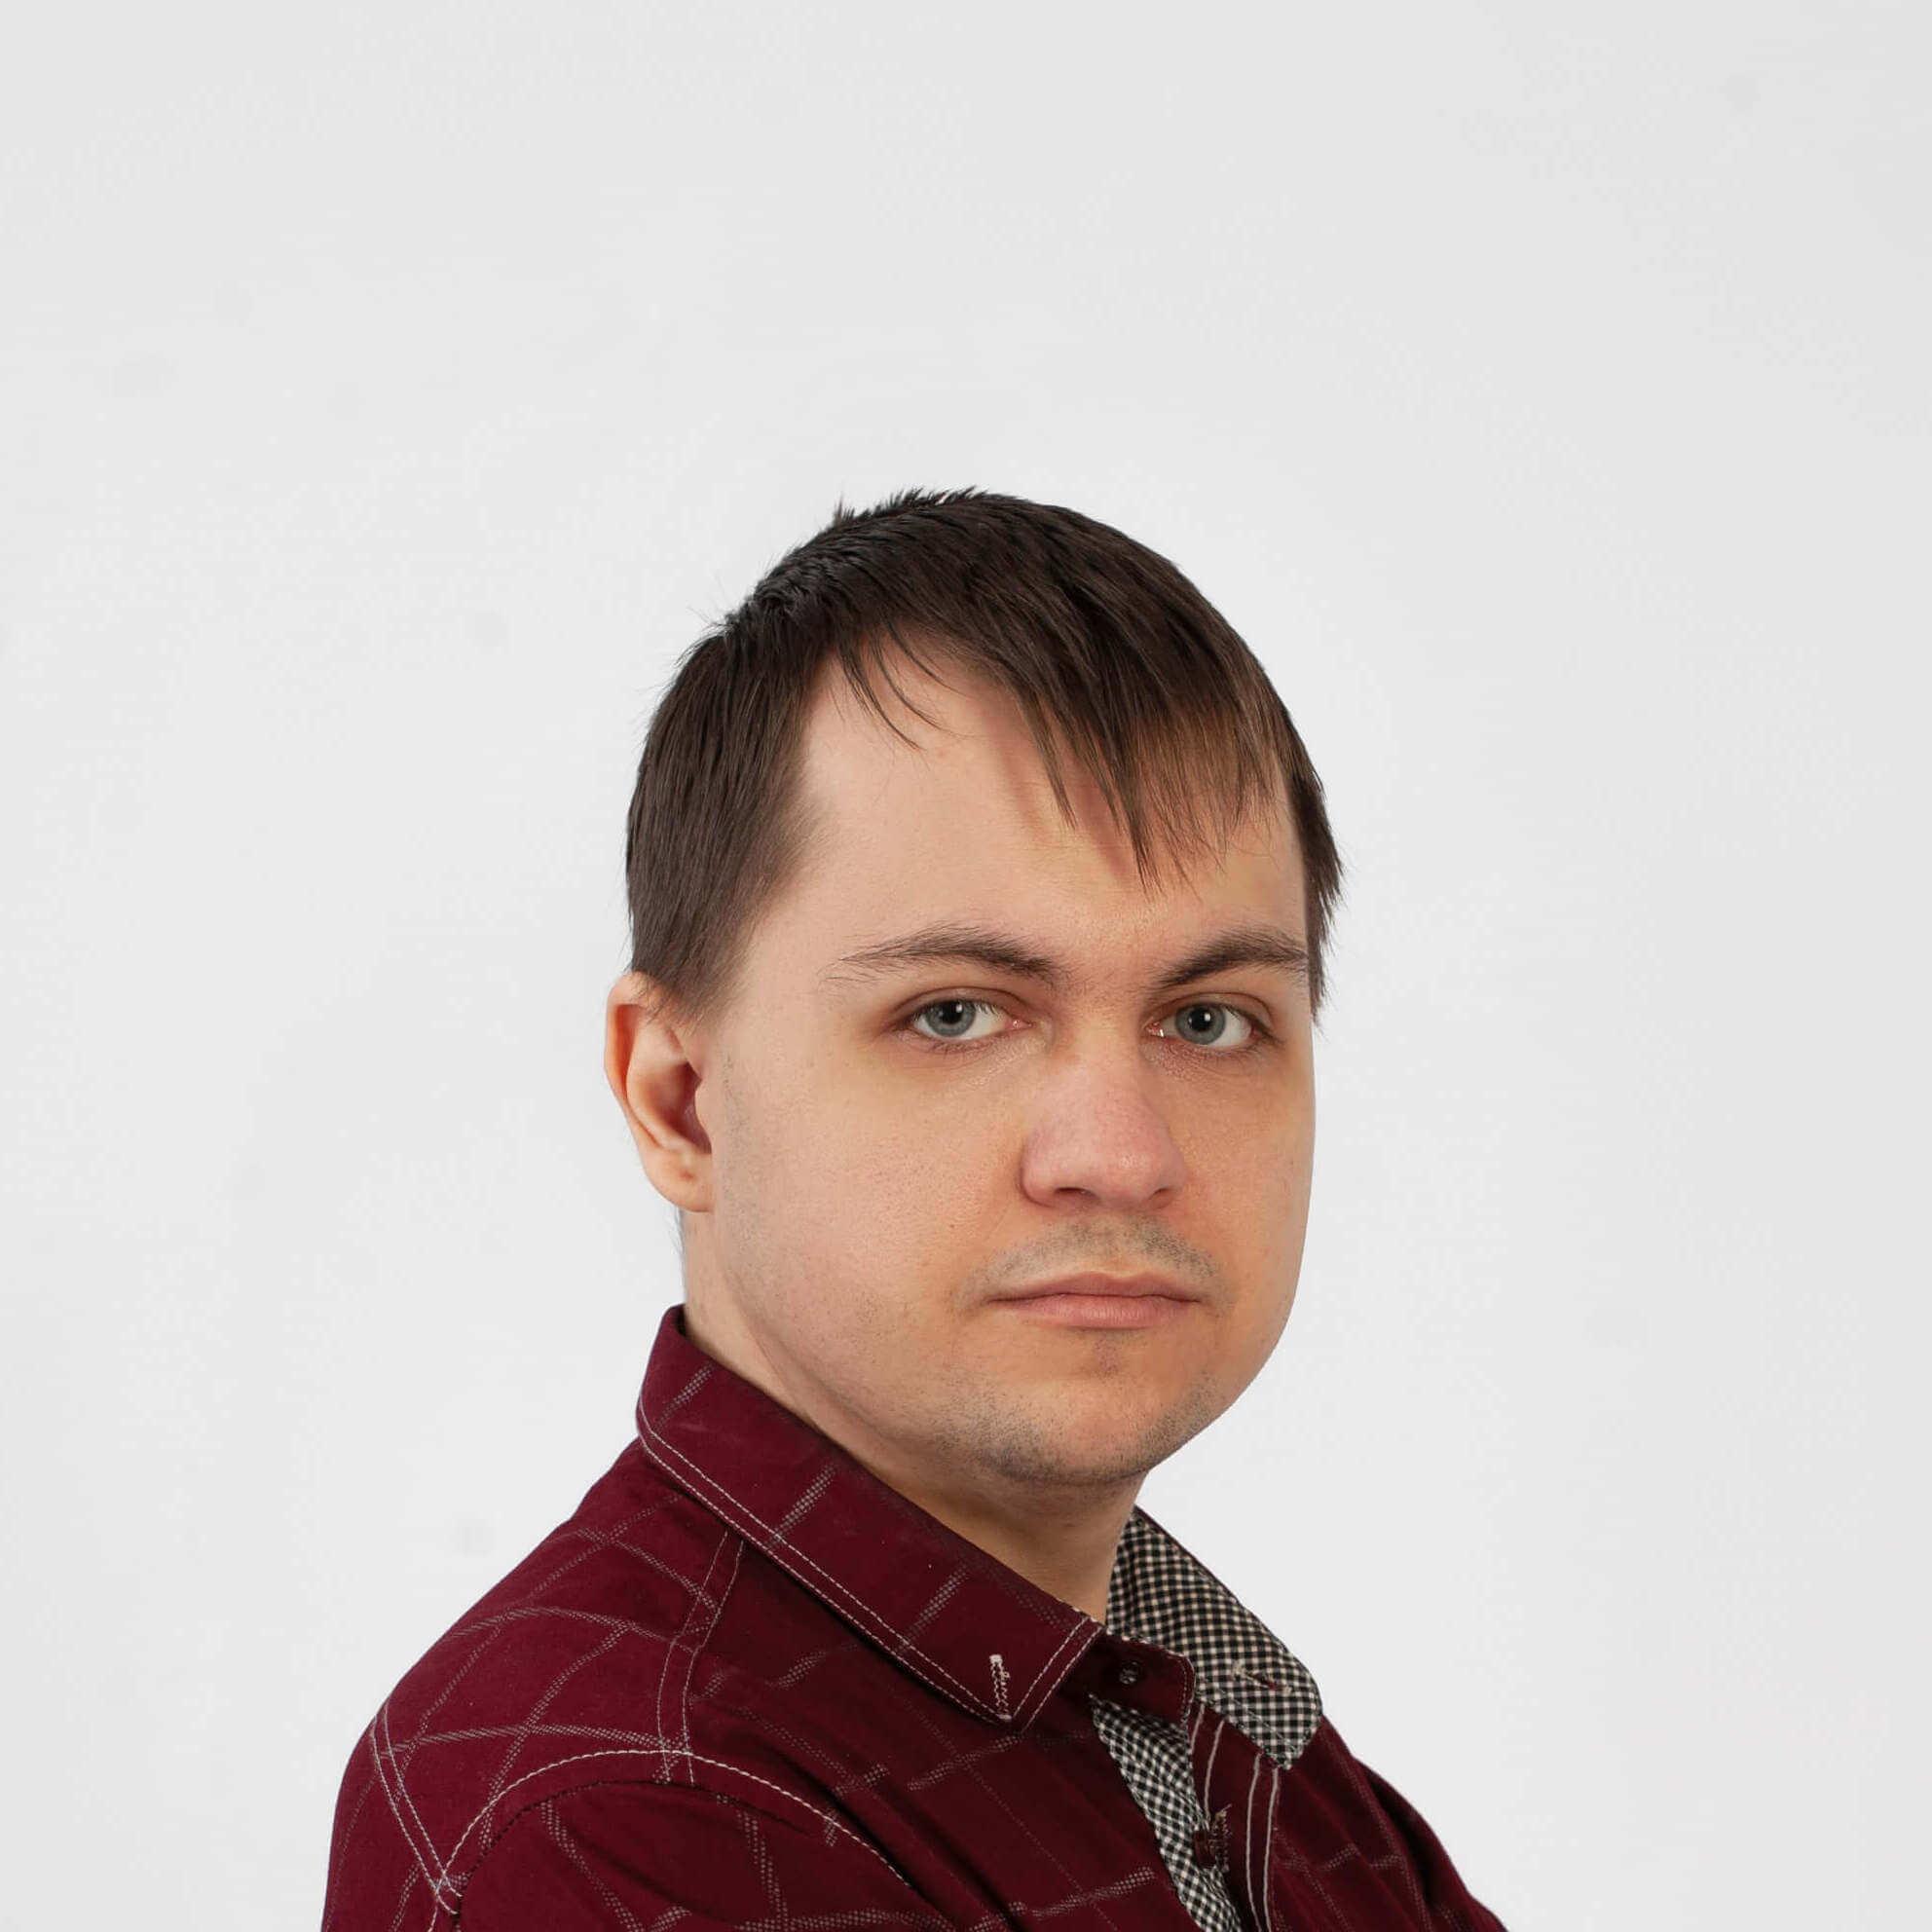 Забоев Алексей Владимирович